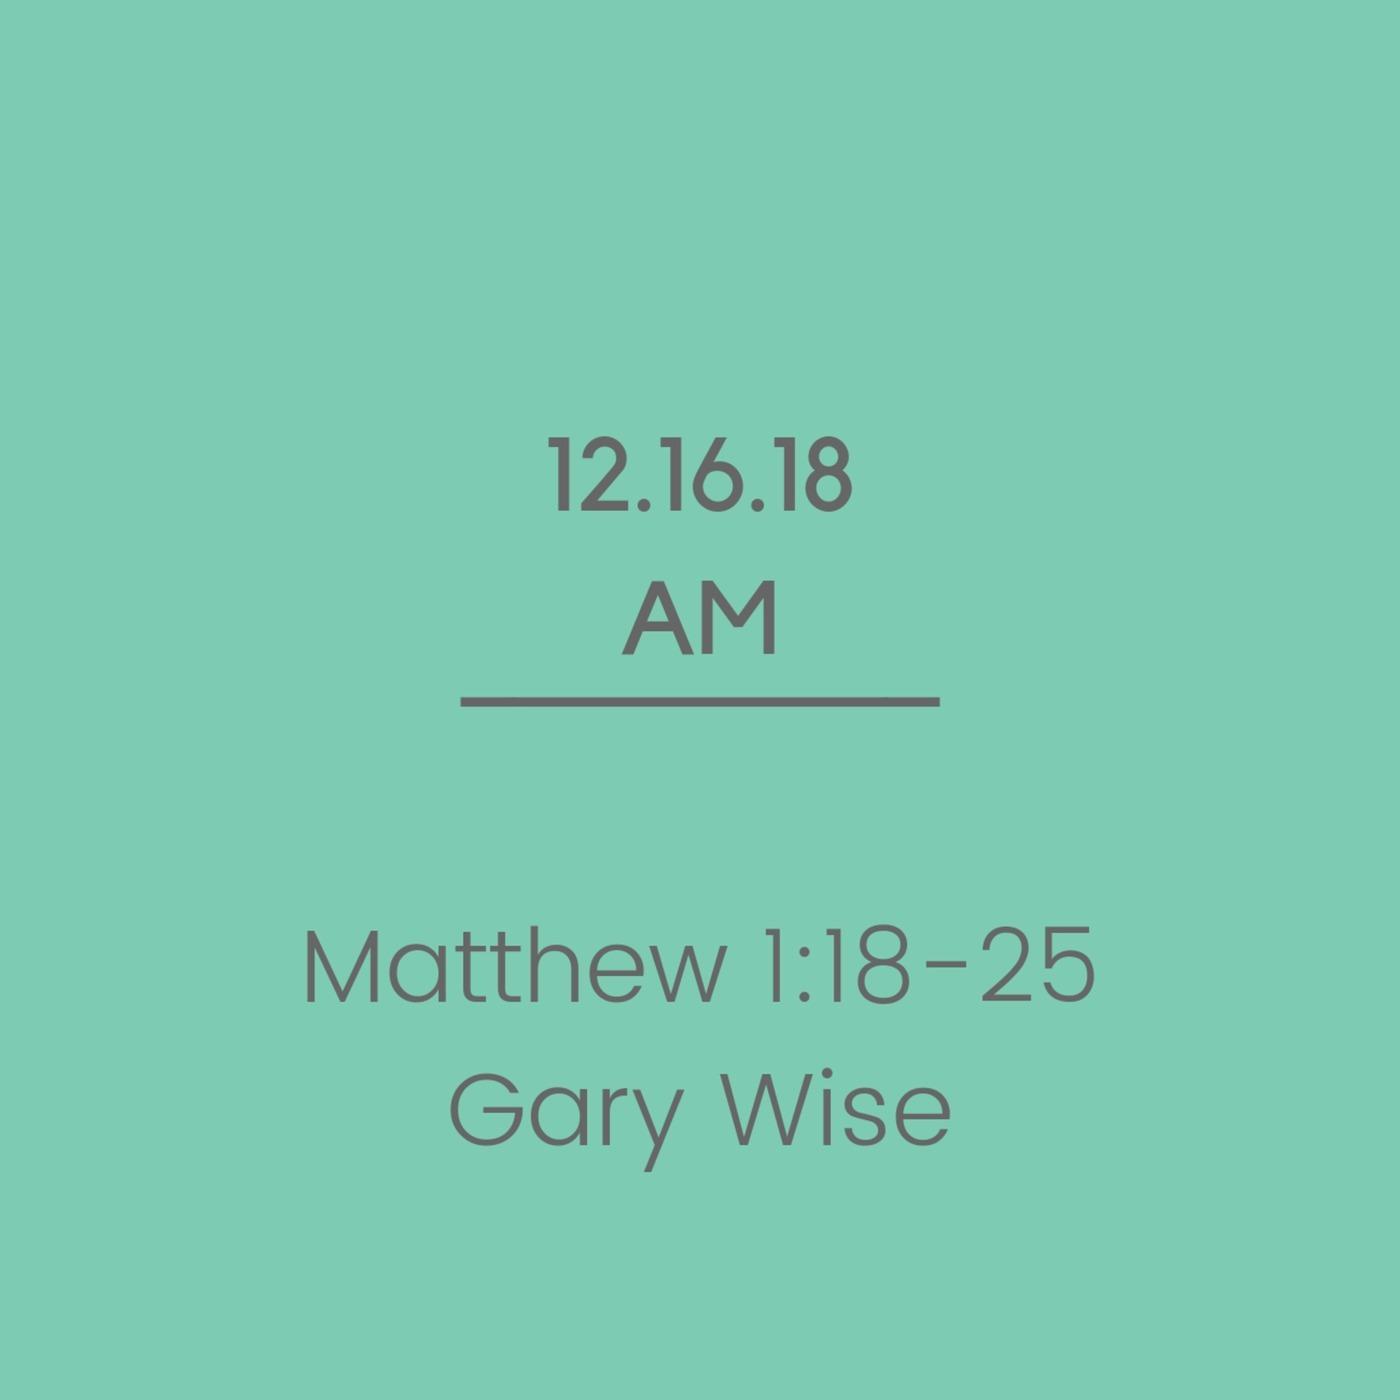 Gassville Baptist Church 23: Matthew 1:18-25